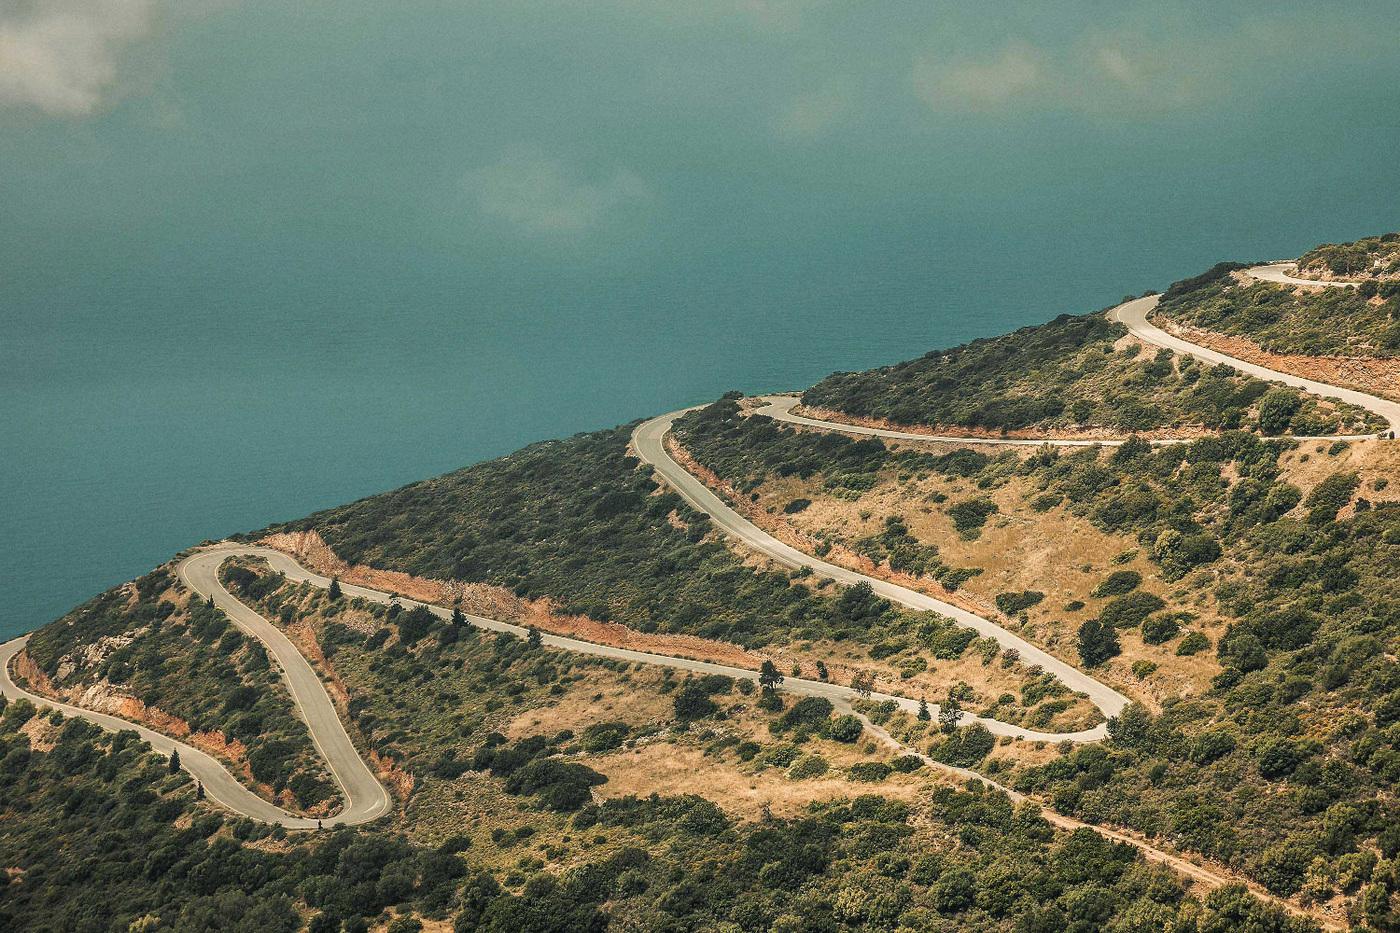 Tim Meier - Travel & landscape